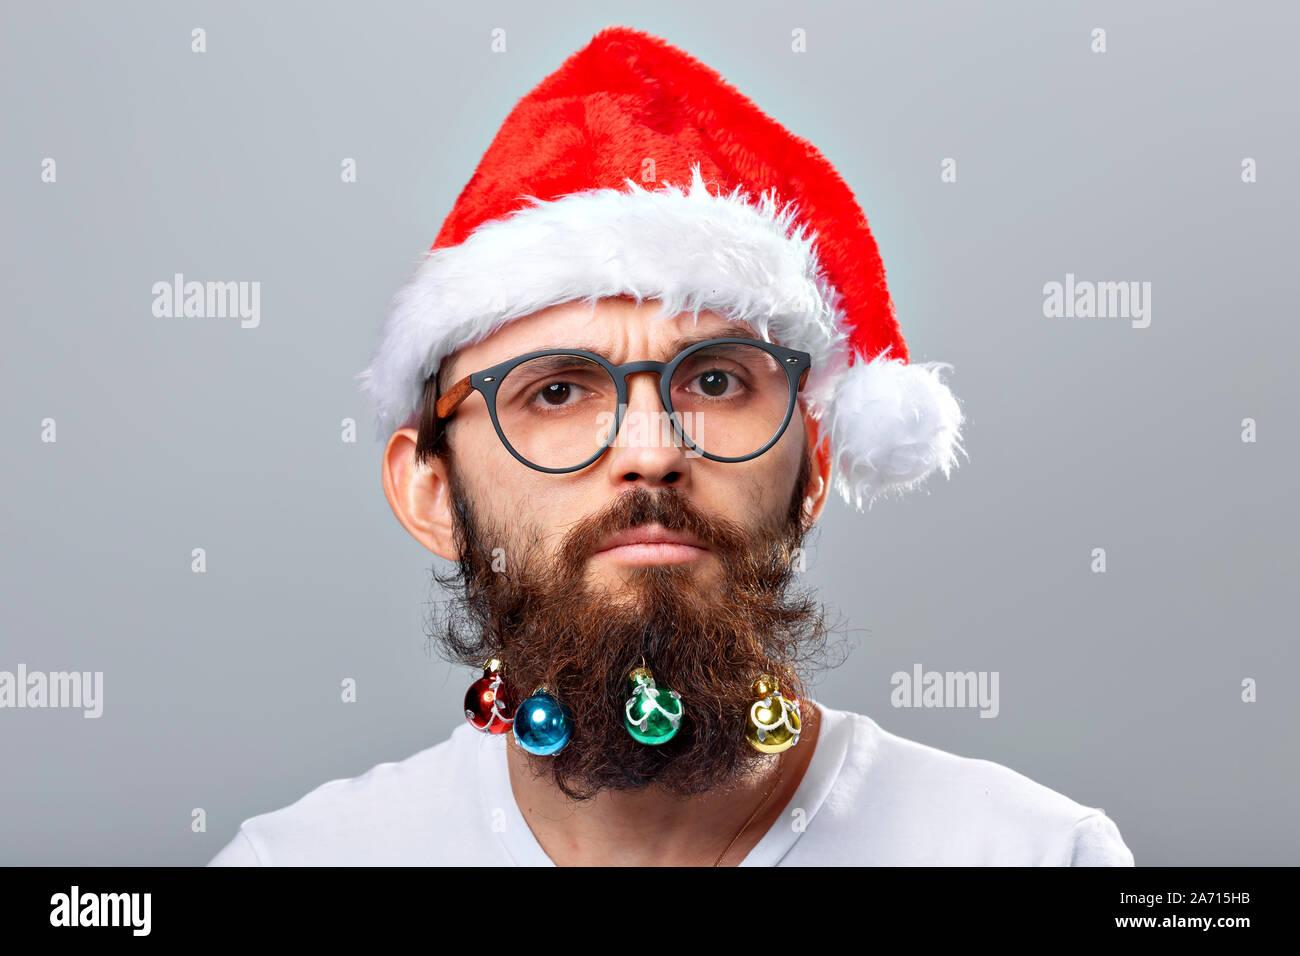 Babbo Natale Uomo Bello.Natale Vacanze Barbiere E Concetto Di Stile Giovane Bello Barbuto Babbo Natale Uomo Con Molti Piccoli Baubles Di Natale In Barba Lunga Foto Stock Alamy